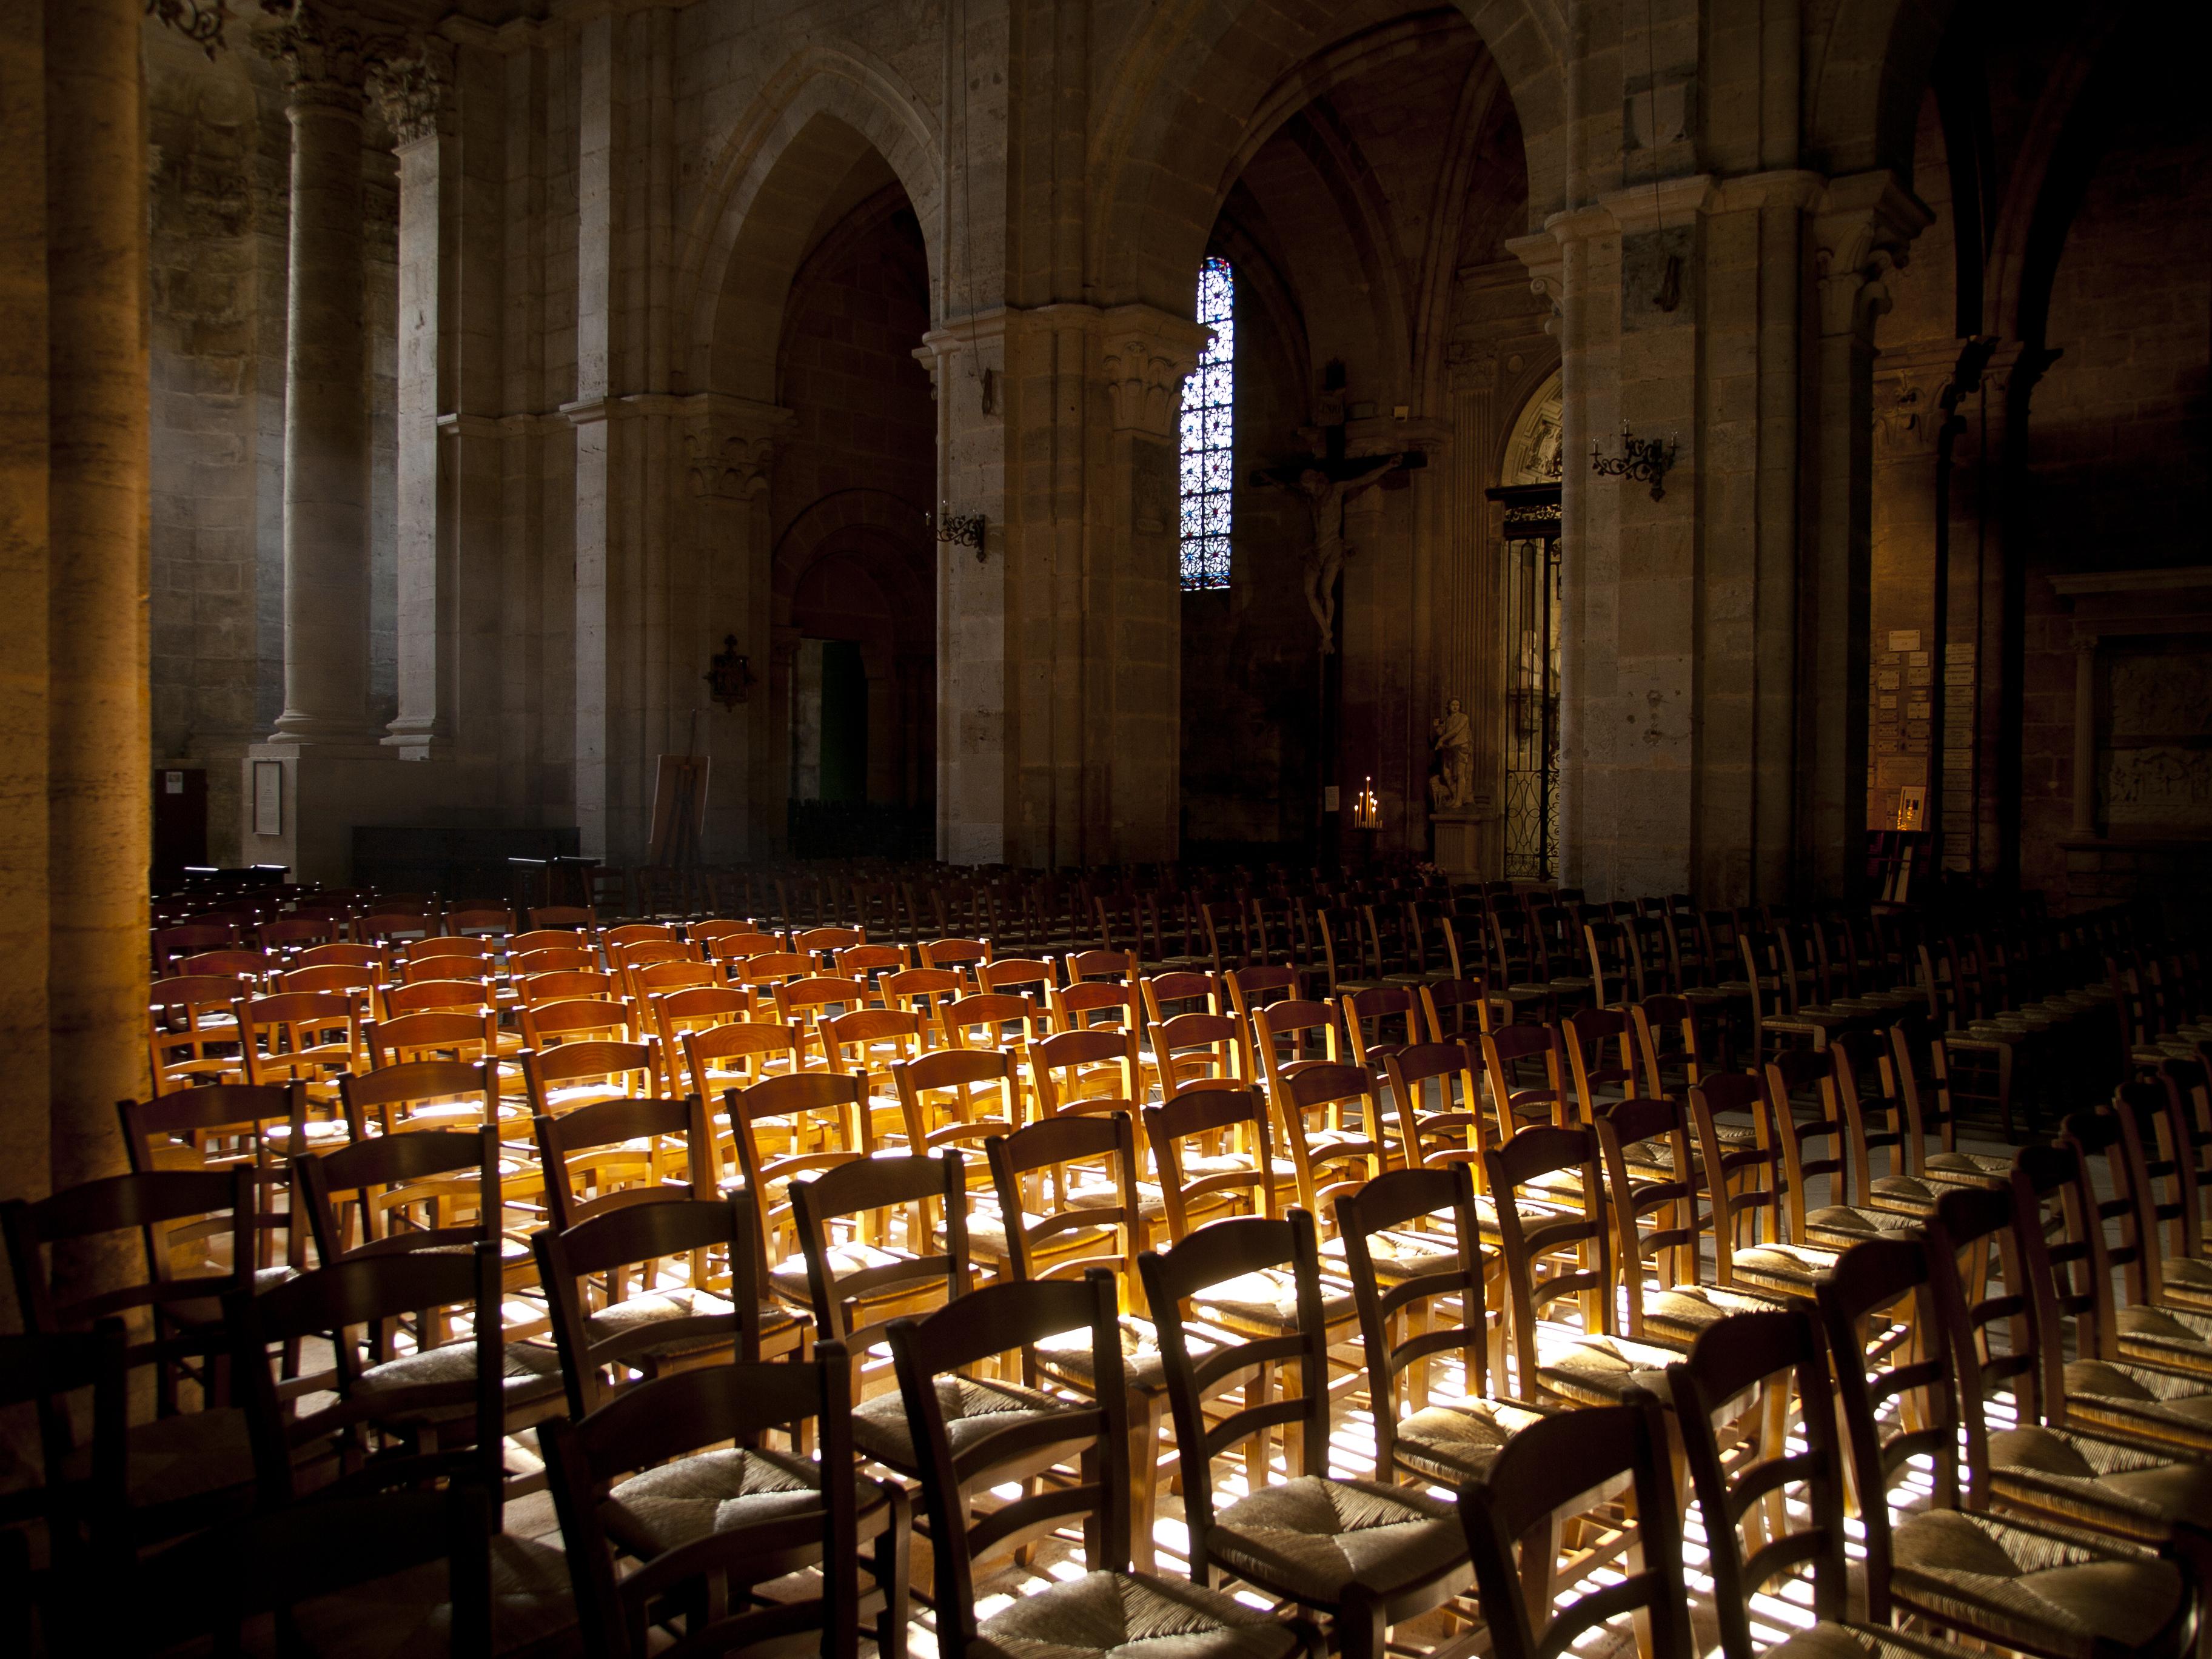 église vide